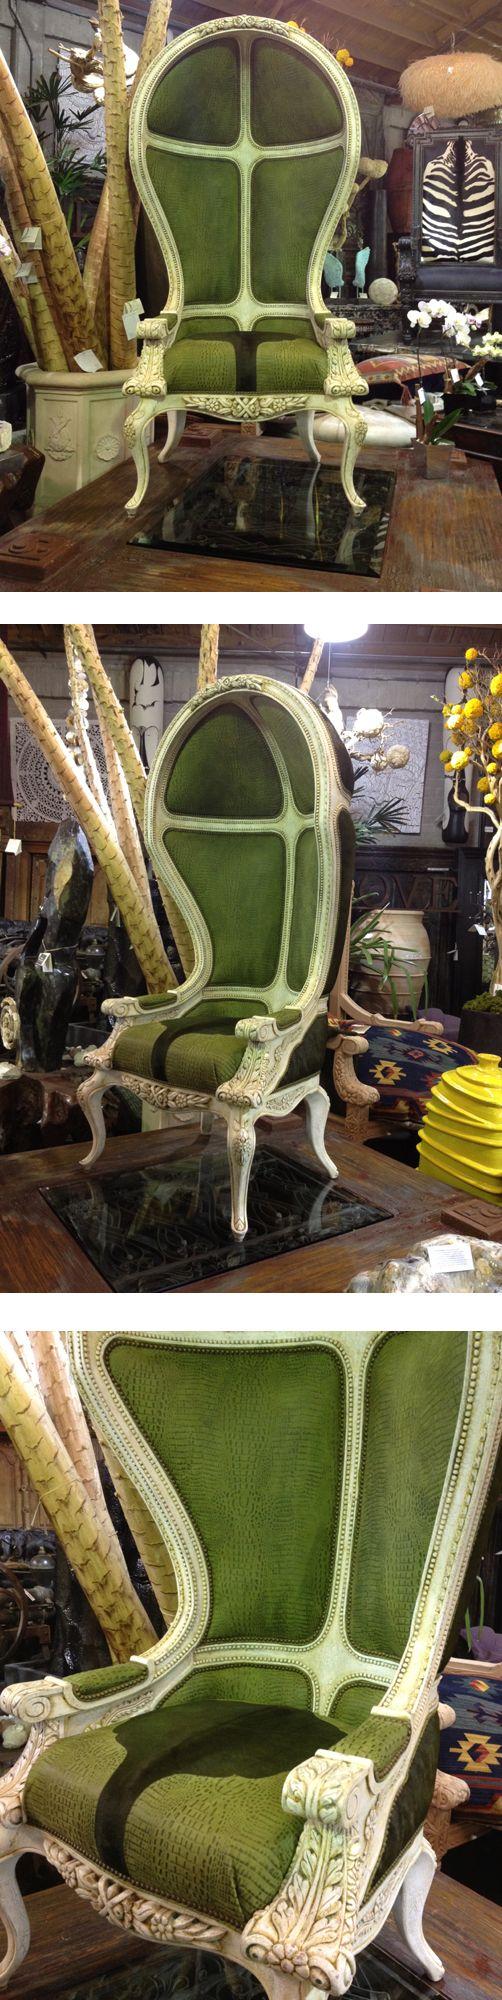 Alice in Wonderland - Custom Chair   by Designers Views